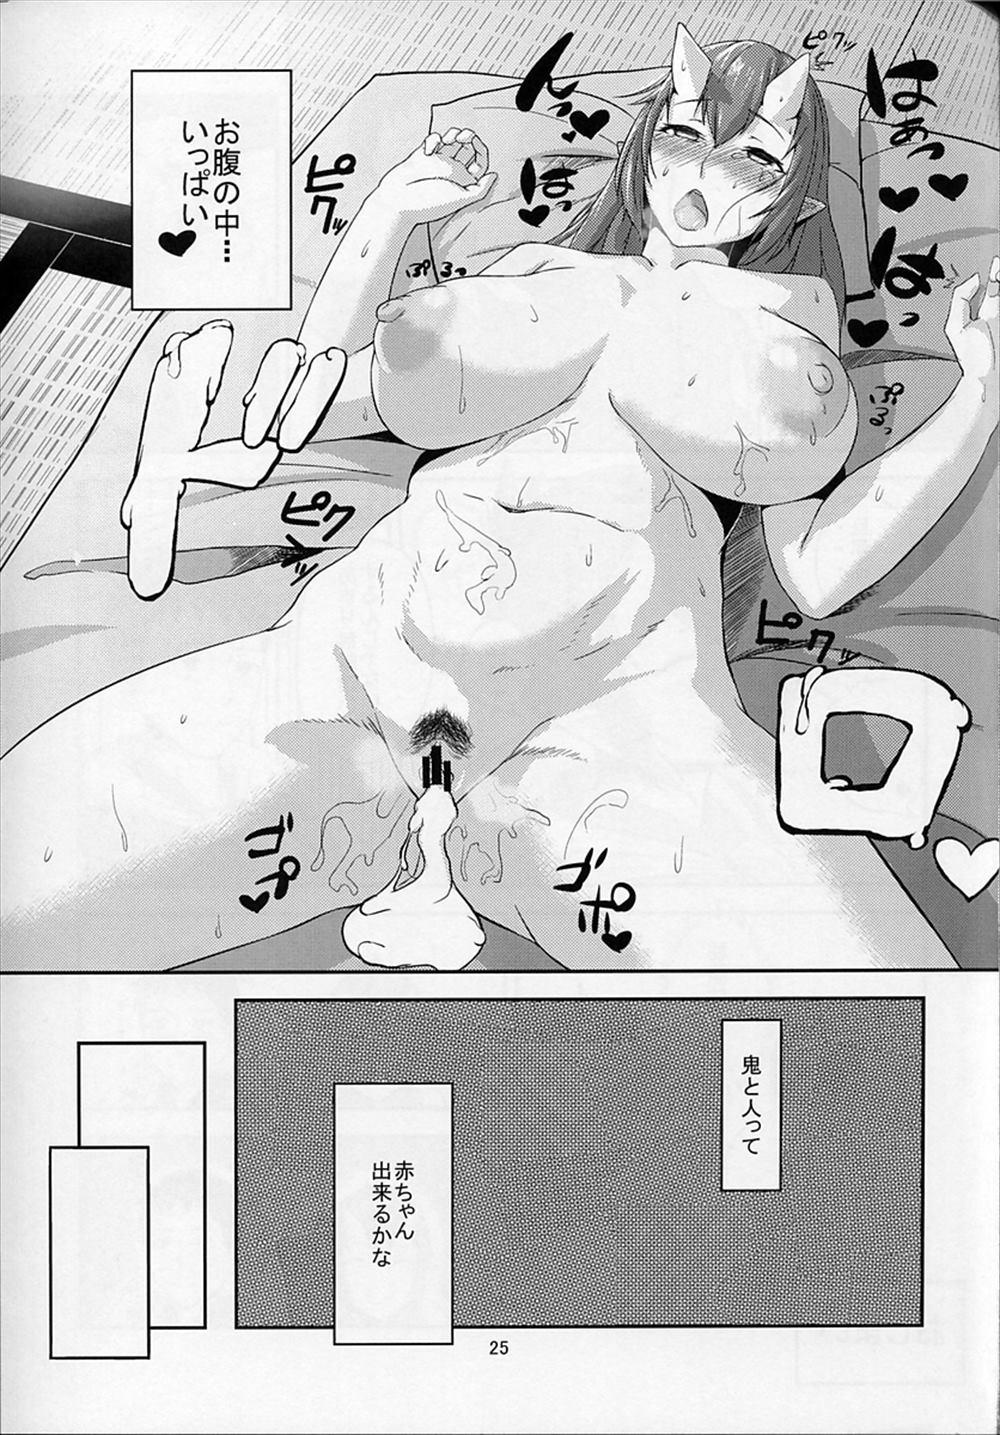 【エロ同人誌】巨乳女が鬼娘であることをちっとも気にしない人間の男が旅行先の宿でイチャラブセックス生挿入中出しww【オリジナル】